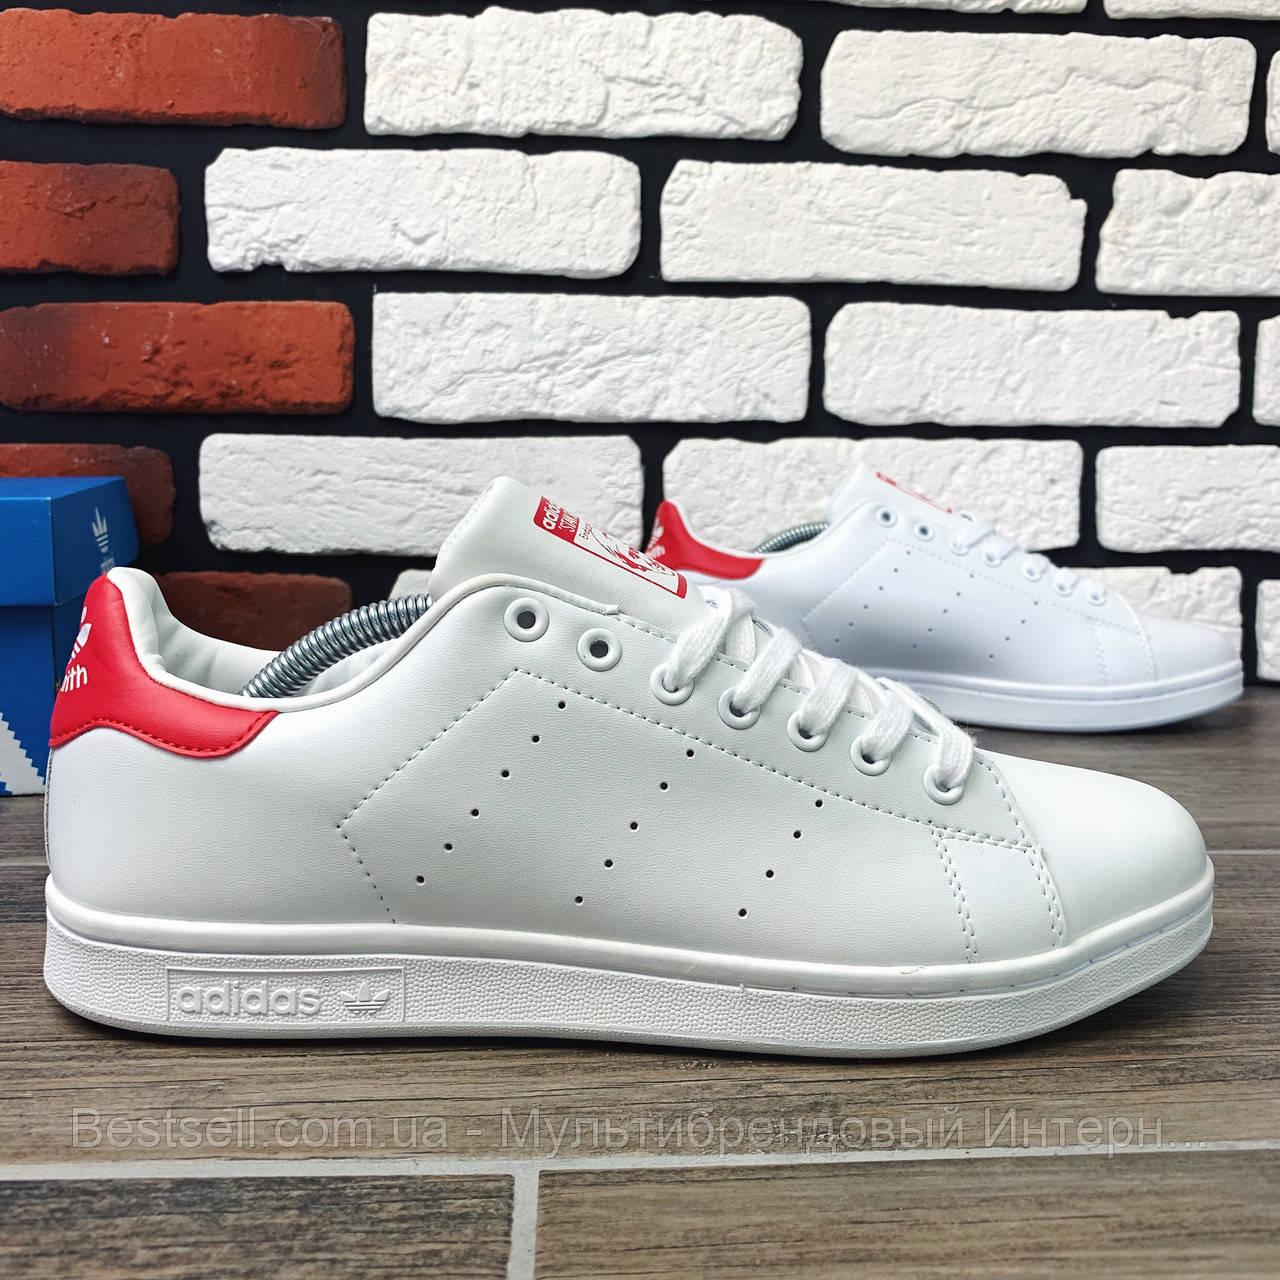 Кросівки Adidas Stan Smit 3061 ⏩ [ 42.45 ]